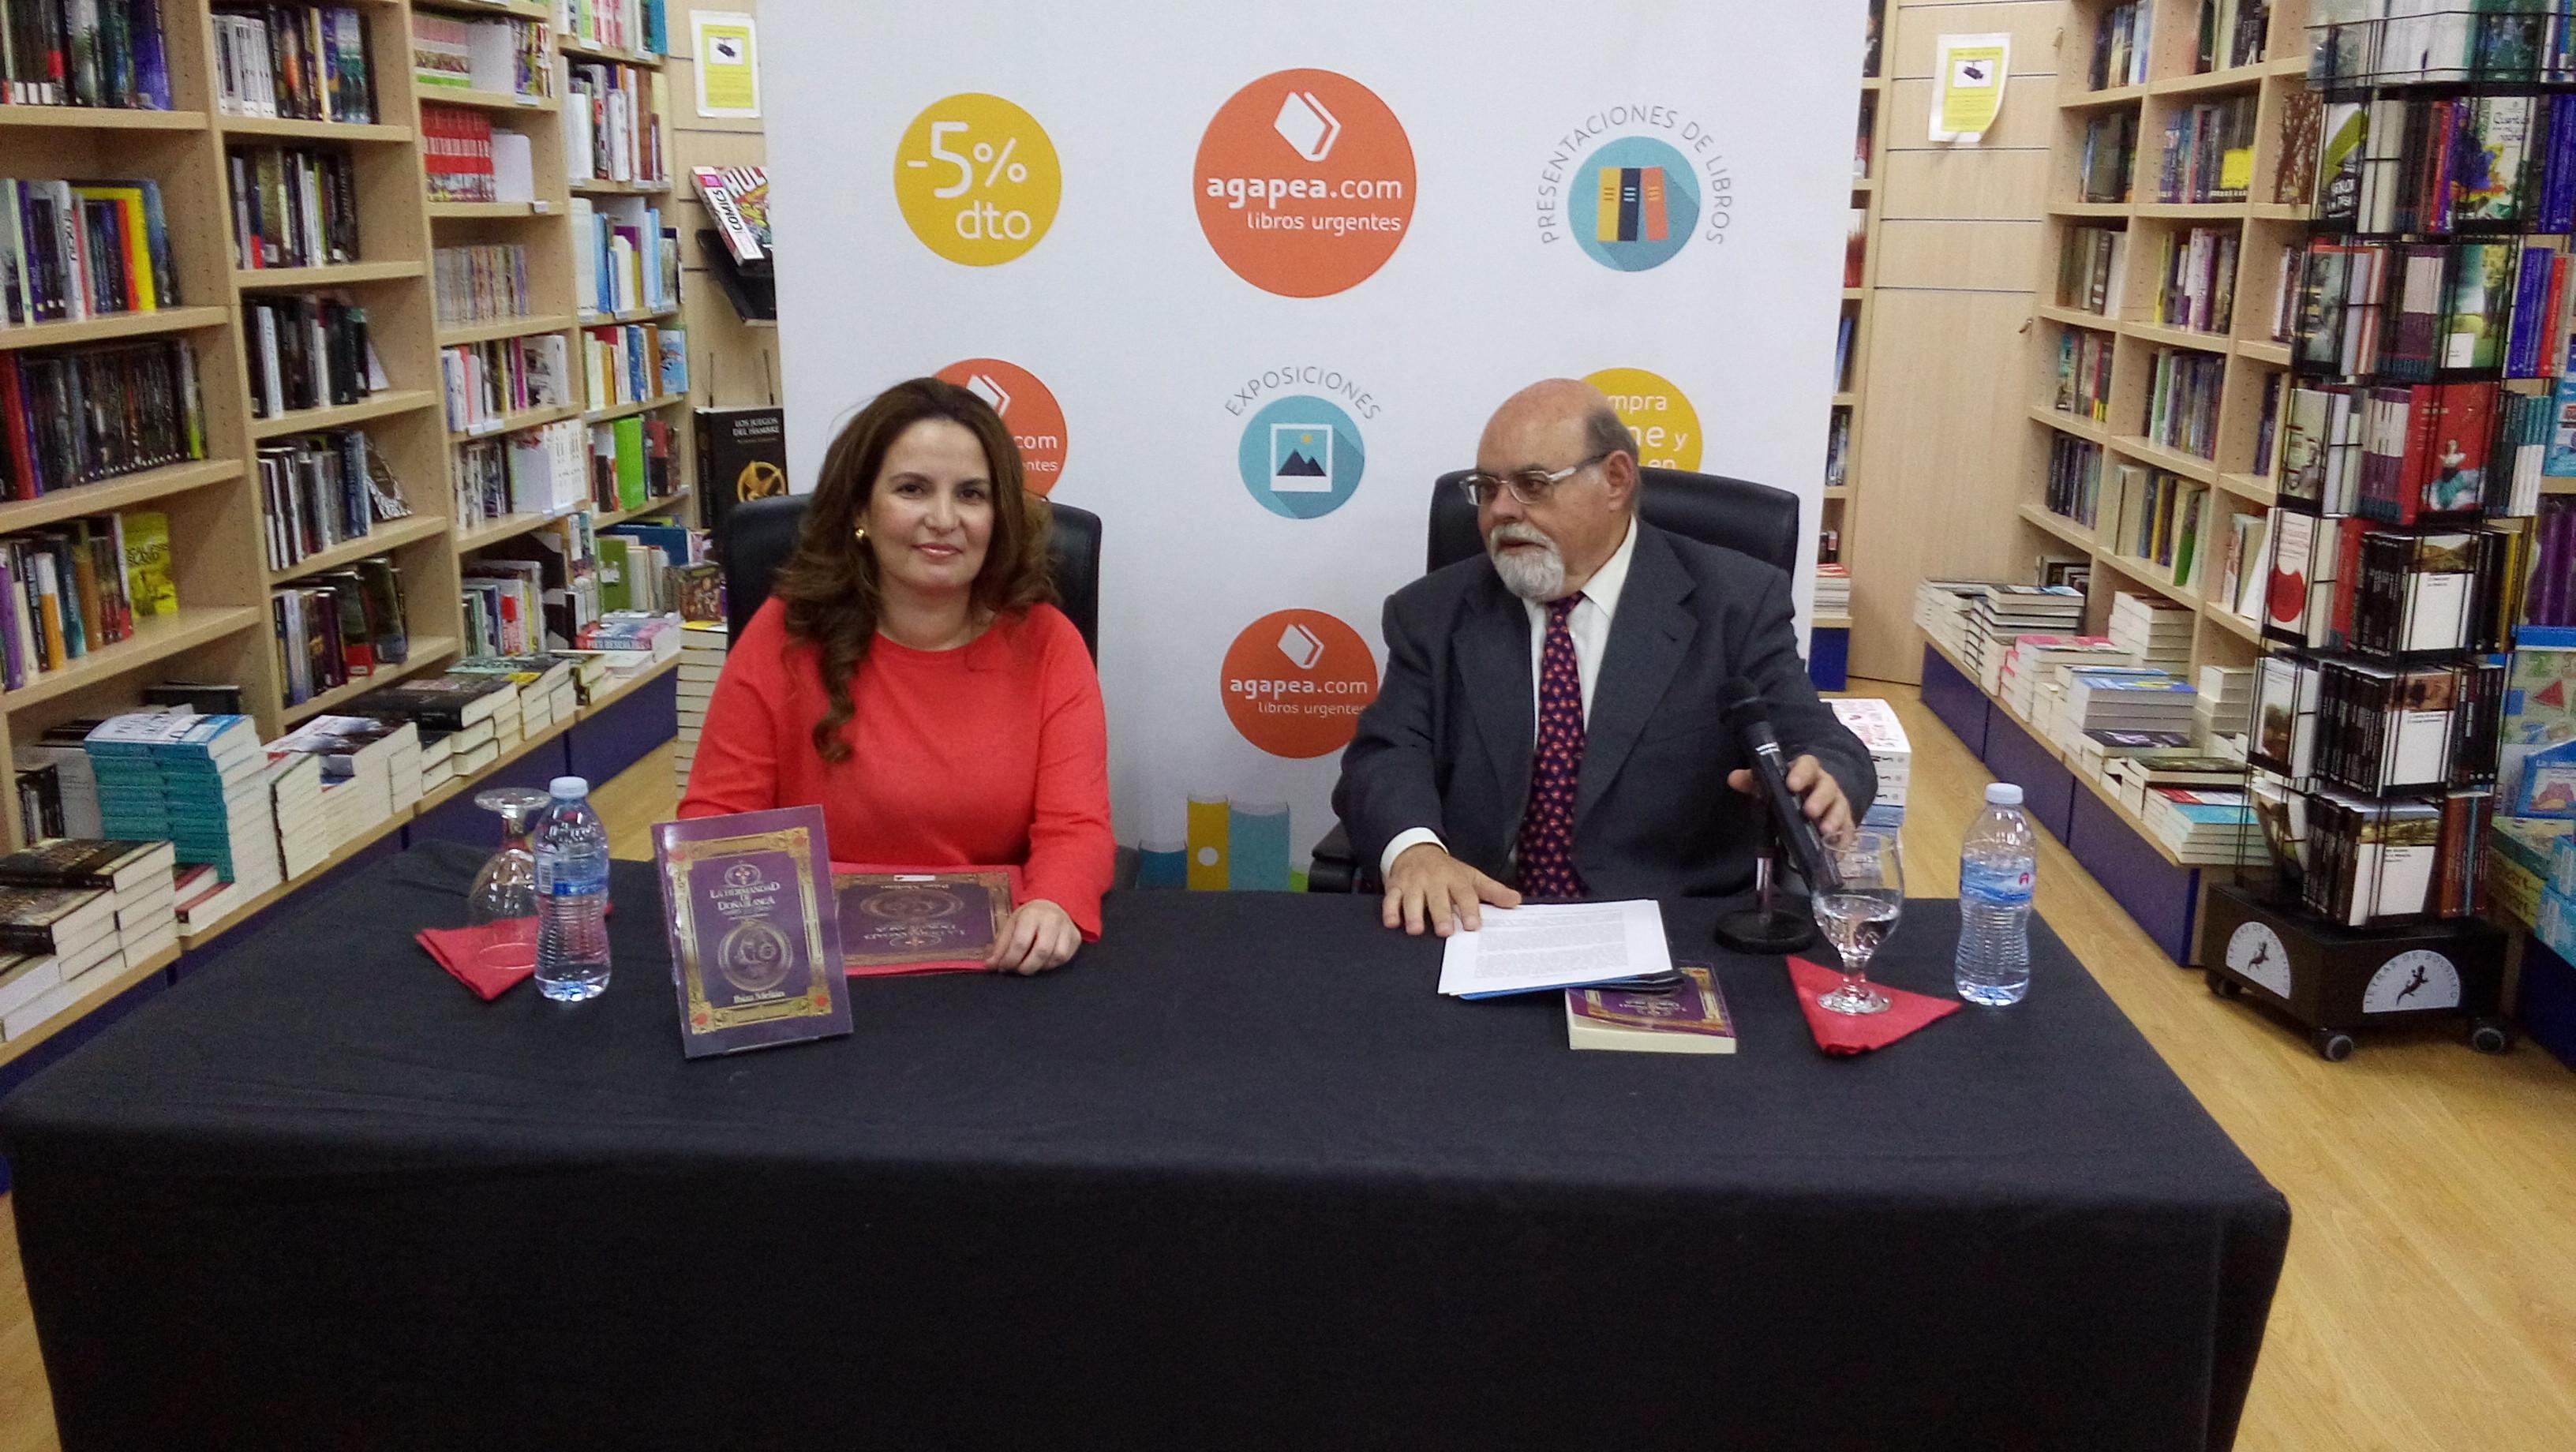 Presentación de La Hermandad de Doña Blanca en la librería Agapea de Santa Cruz de Tenerife (17.6.2016)